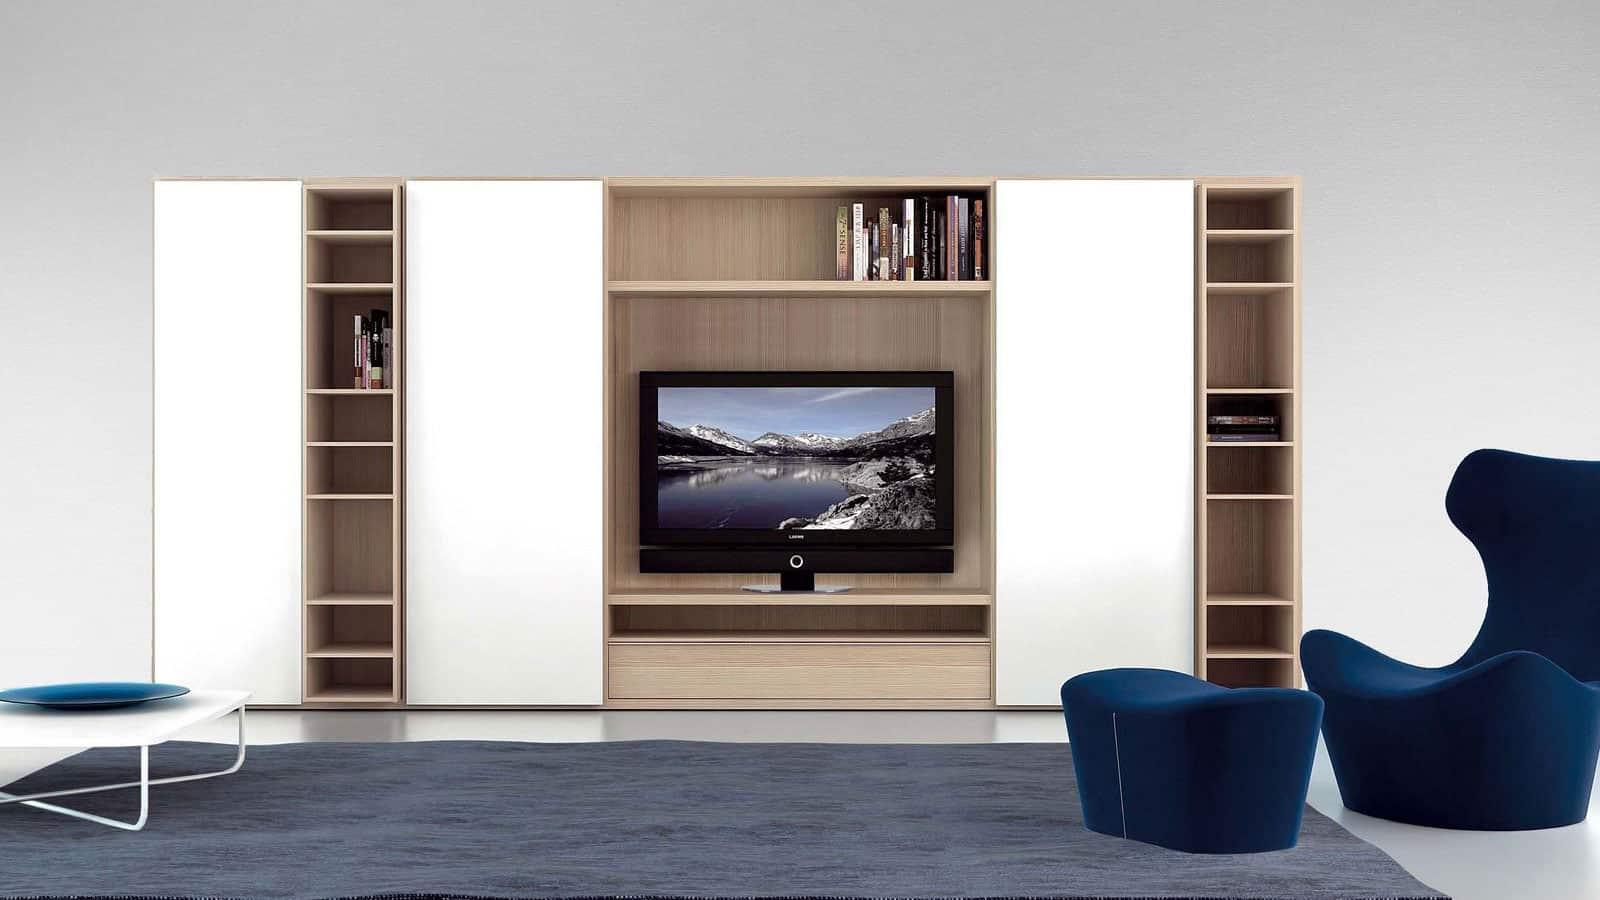 Meuble Tv Avec Bibliothèque meuble tv bibliothèque | salon | optimal annecy